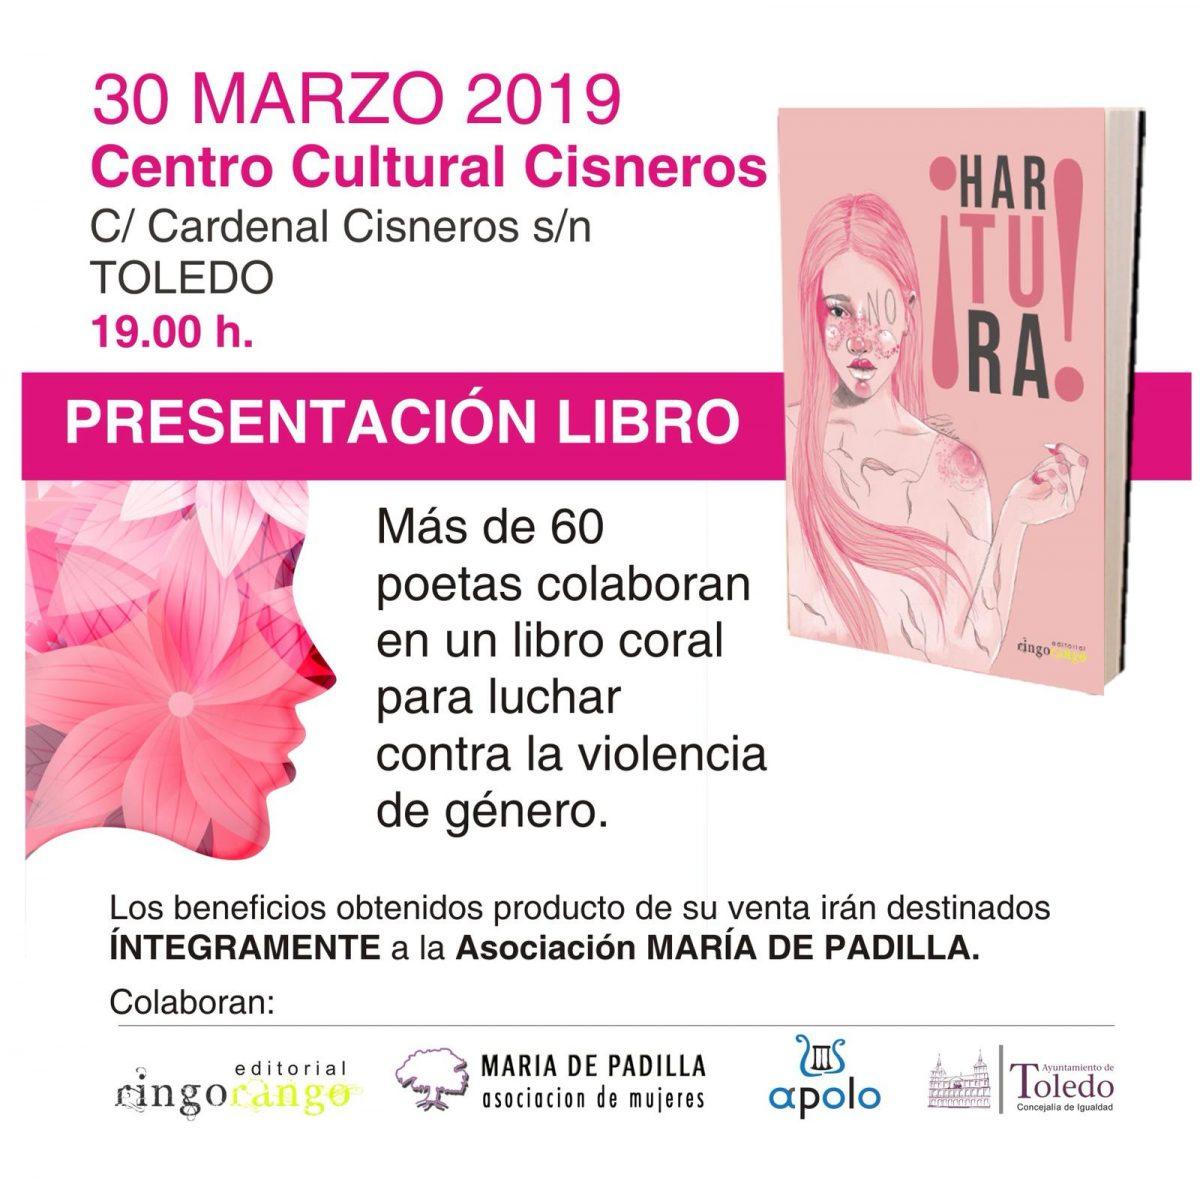 http://www.toledo.es/wp-content/uploads/2019/03/presentacion-libro-hartura-1200x1181.jpg. PRESENTACIÓN DEL LIBRO ¡HARTURA!